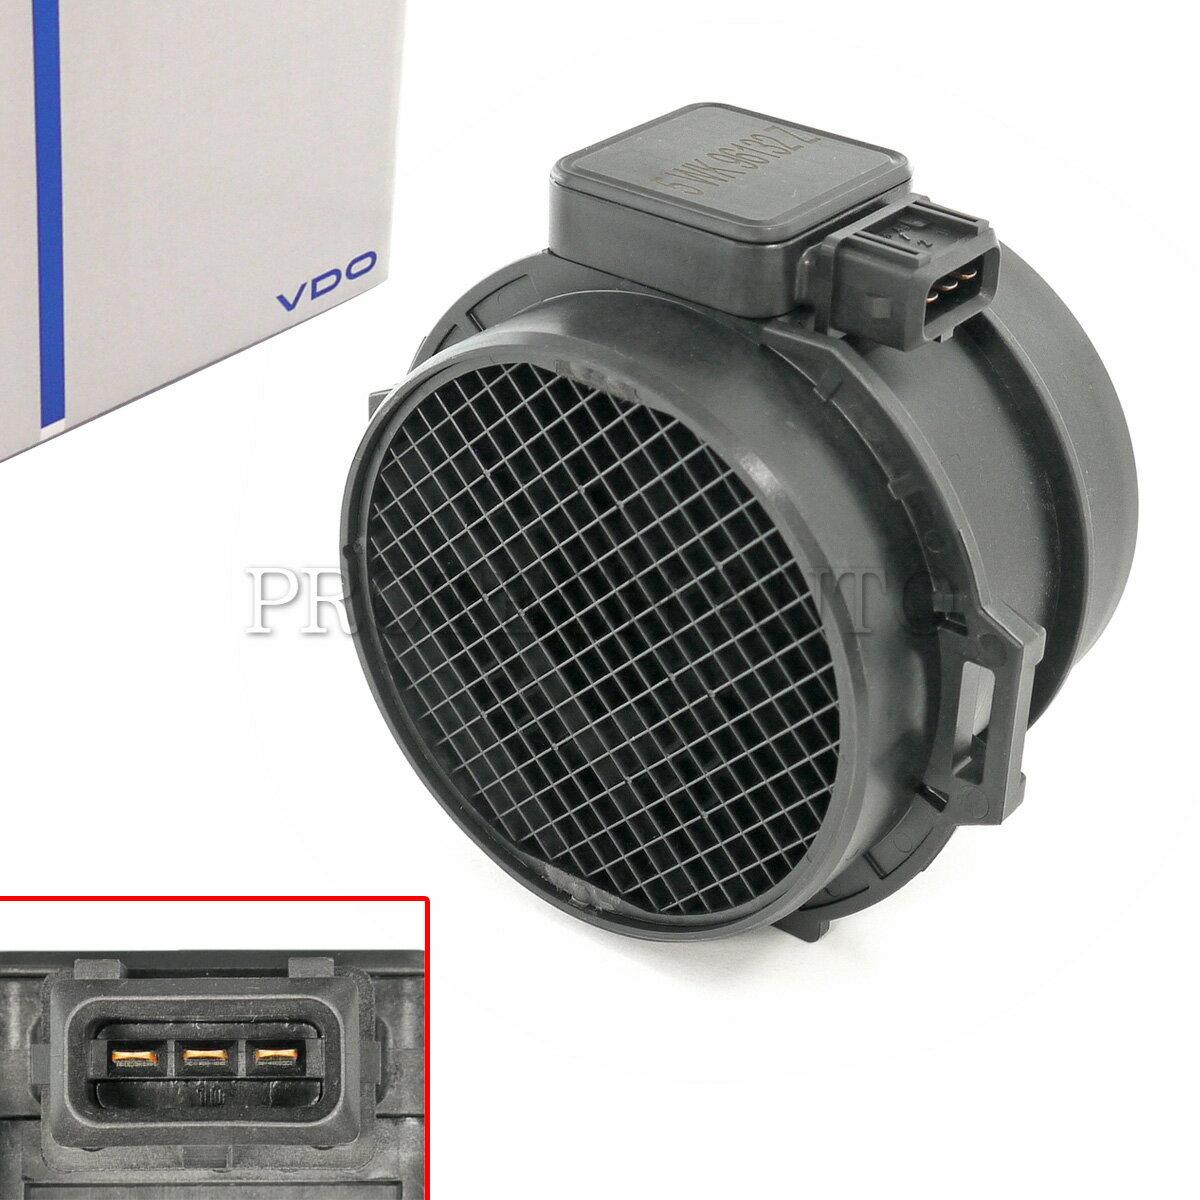 純正OEM VDO製 BMW 3シリーズ E46 エアマスセンサー/エアフロメーター/ホットフィルムエアマスメーター 5WK96132Z 13627567451 330i 330Ci【あす楽対応】